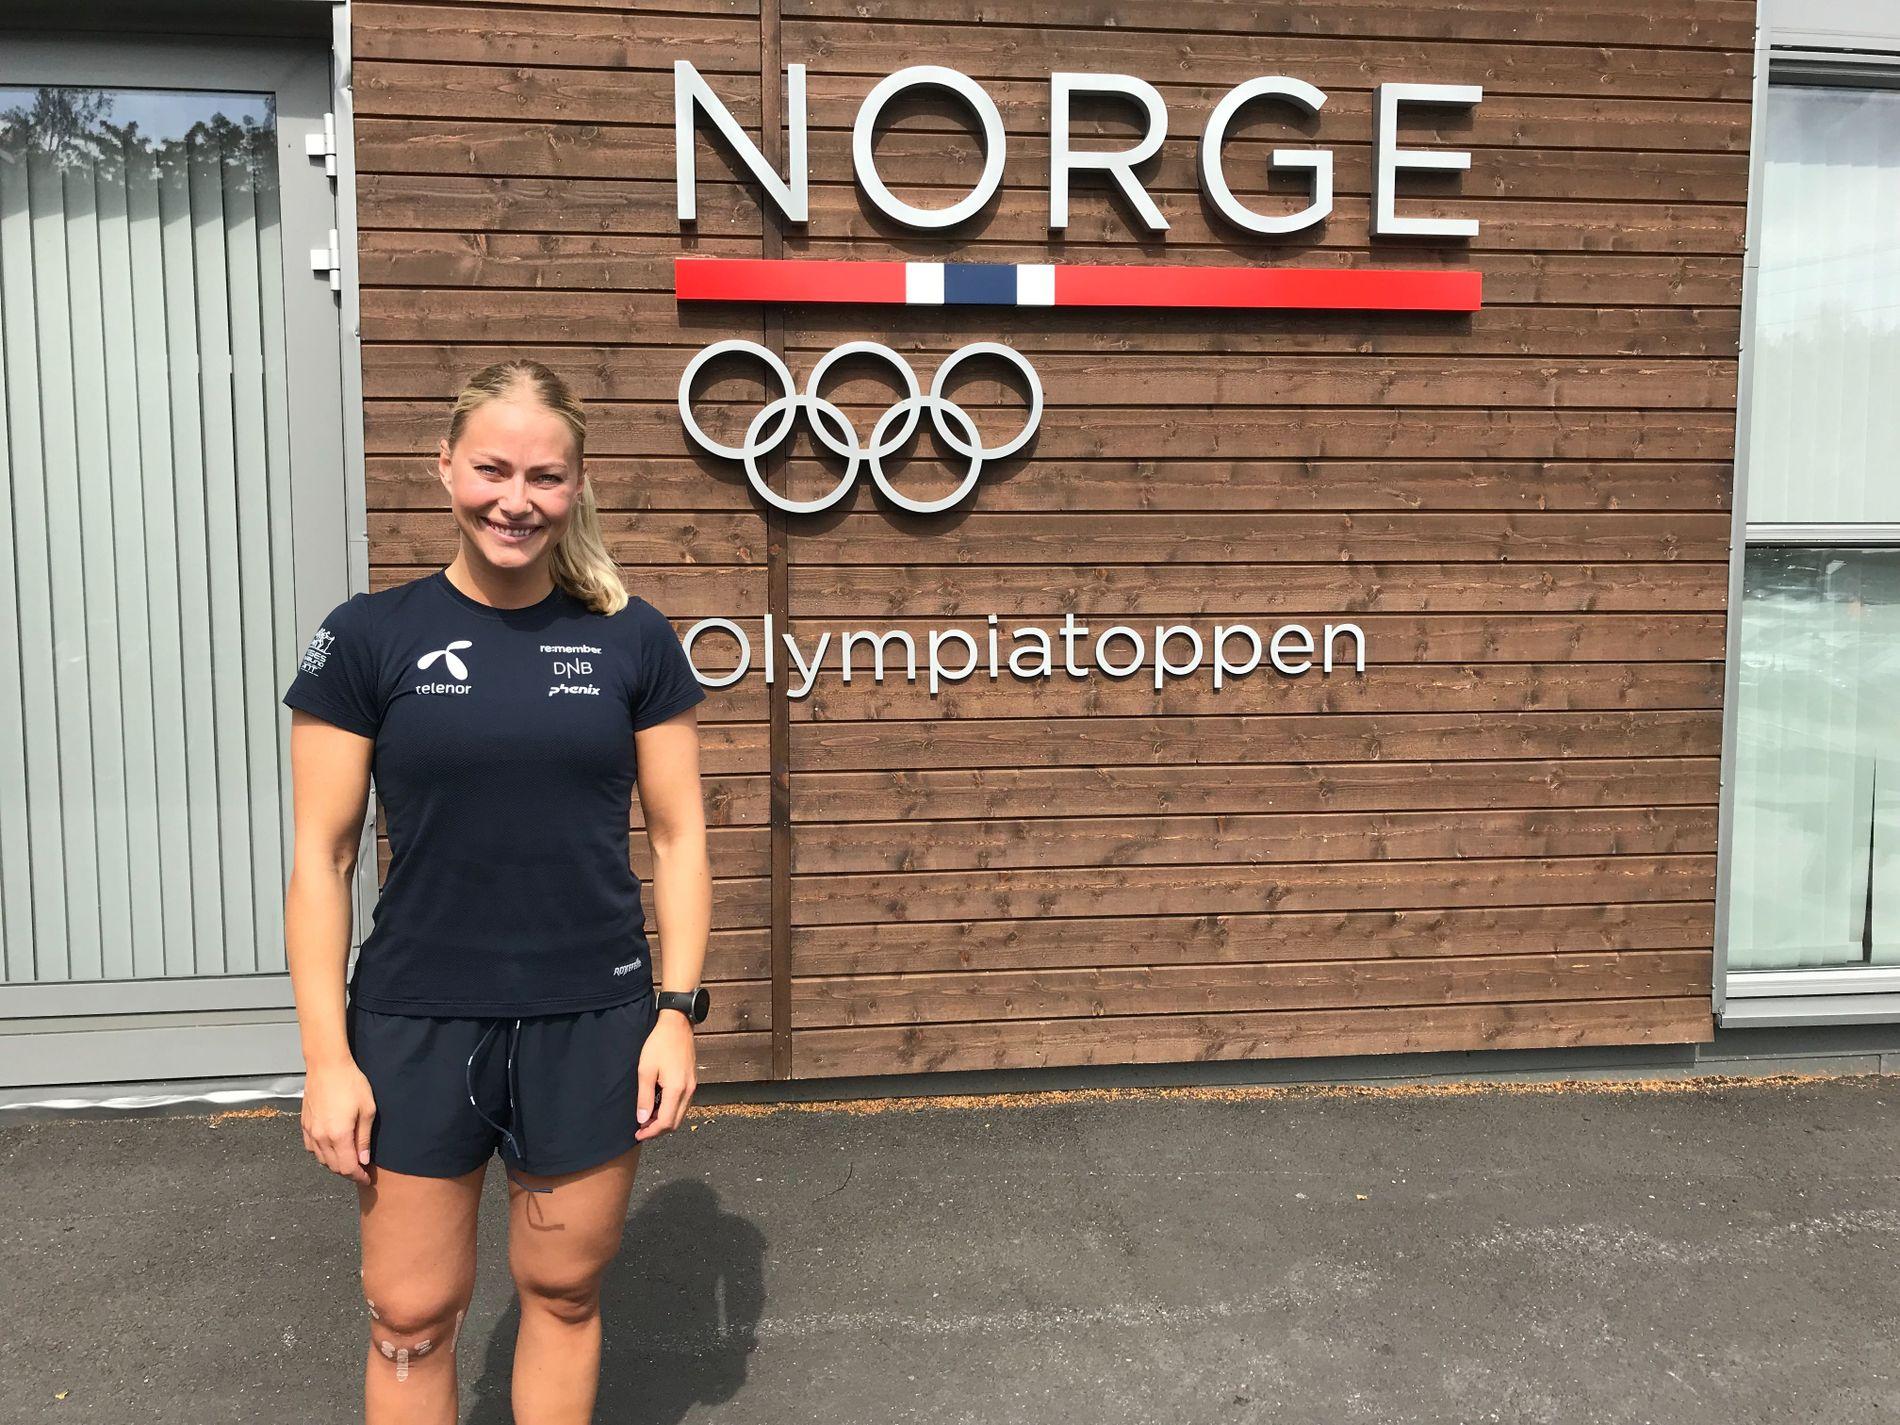 OPPTRENING: Ragnhild Mowinckel bruker mye tid på Olympiatoppen i Oslo. Hun håper å ha ski på beina igjen til vinteren.